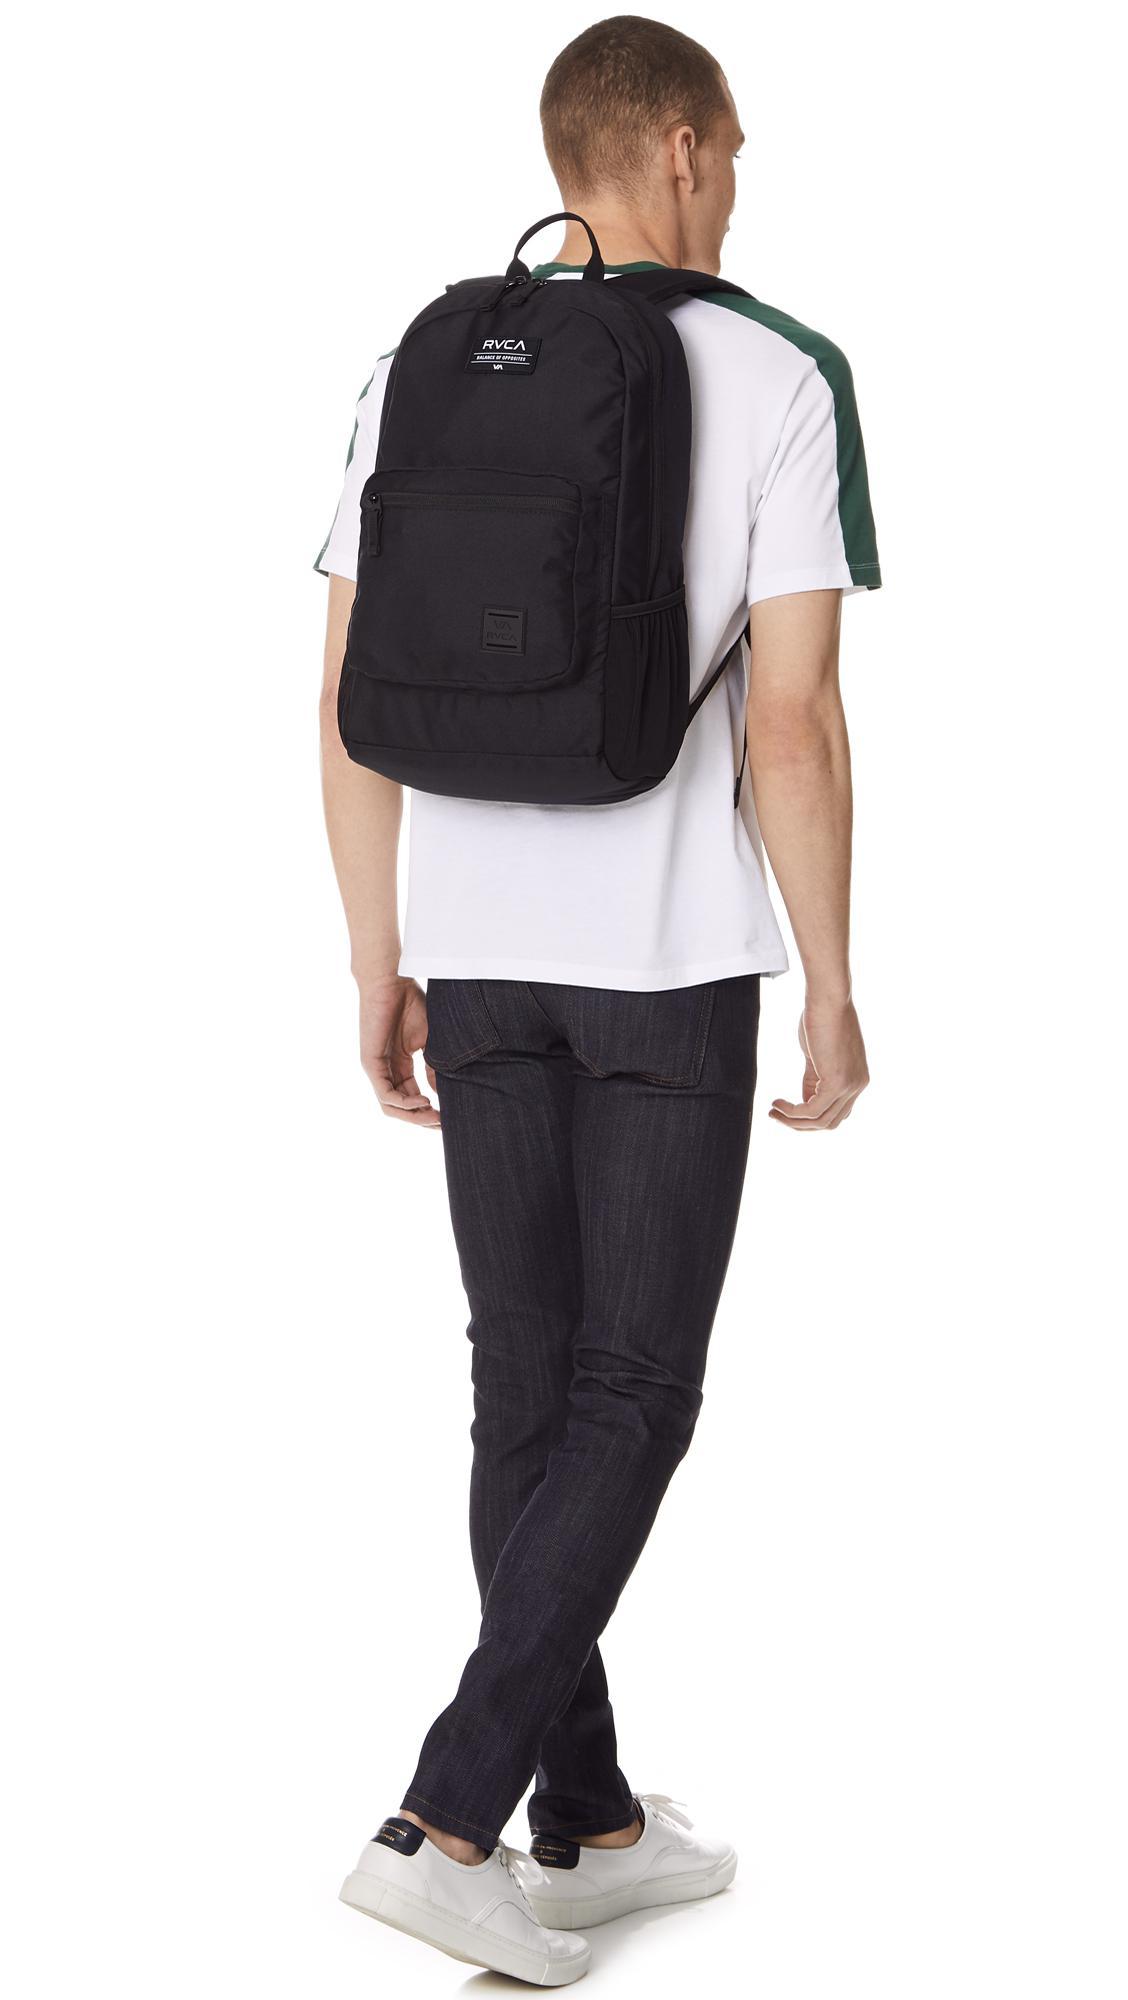 f45ce0da0a91 Lyst - RVCA Estate Backpack in Black for Men